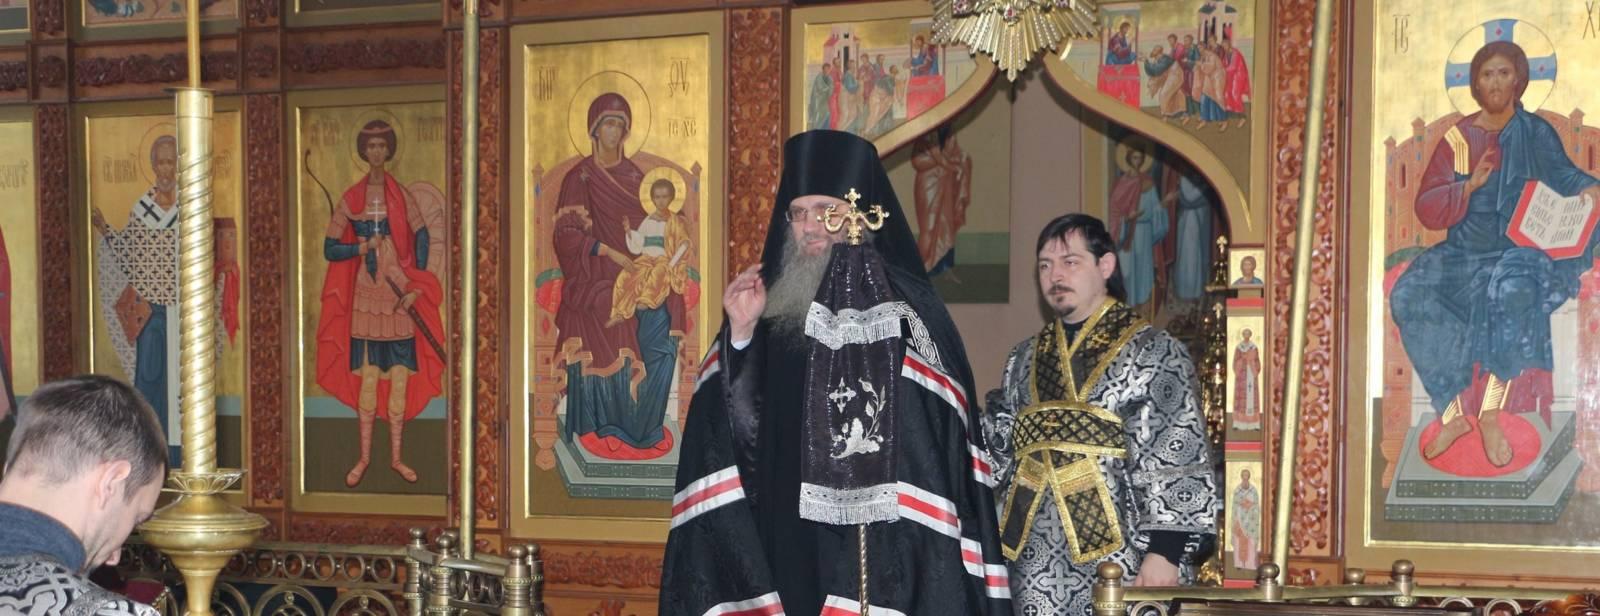 Великое повечерие с чтением канона Андрея Критского в храме Богоявления Господня г. Фролово.